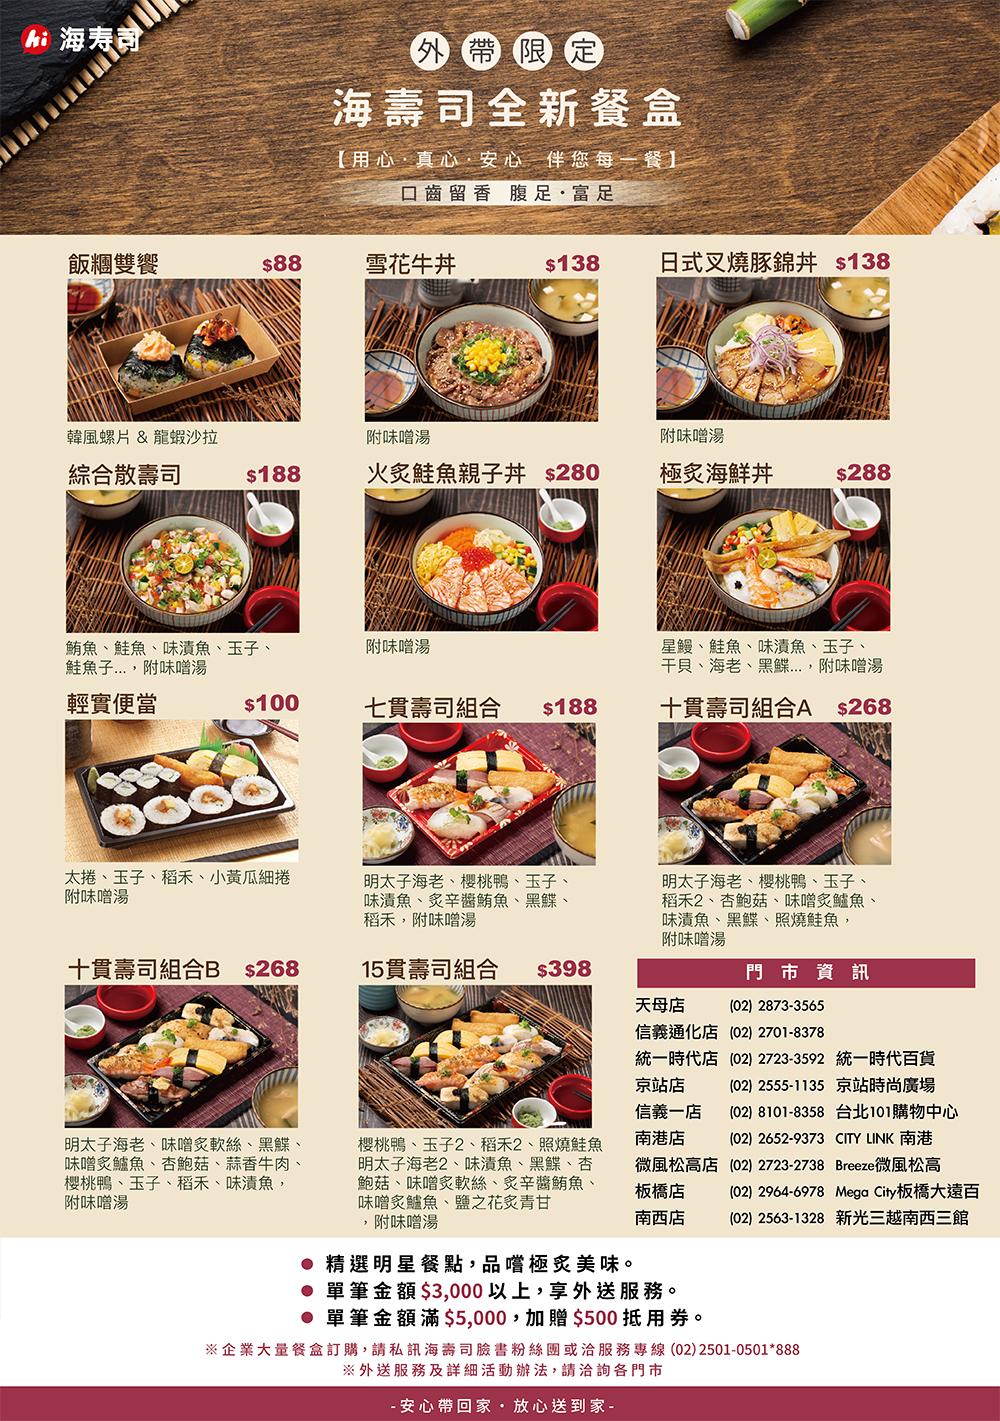 海壽司全新餐盒上線 用心 真心 伴您每一餐